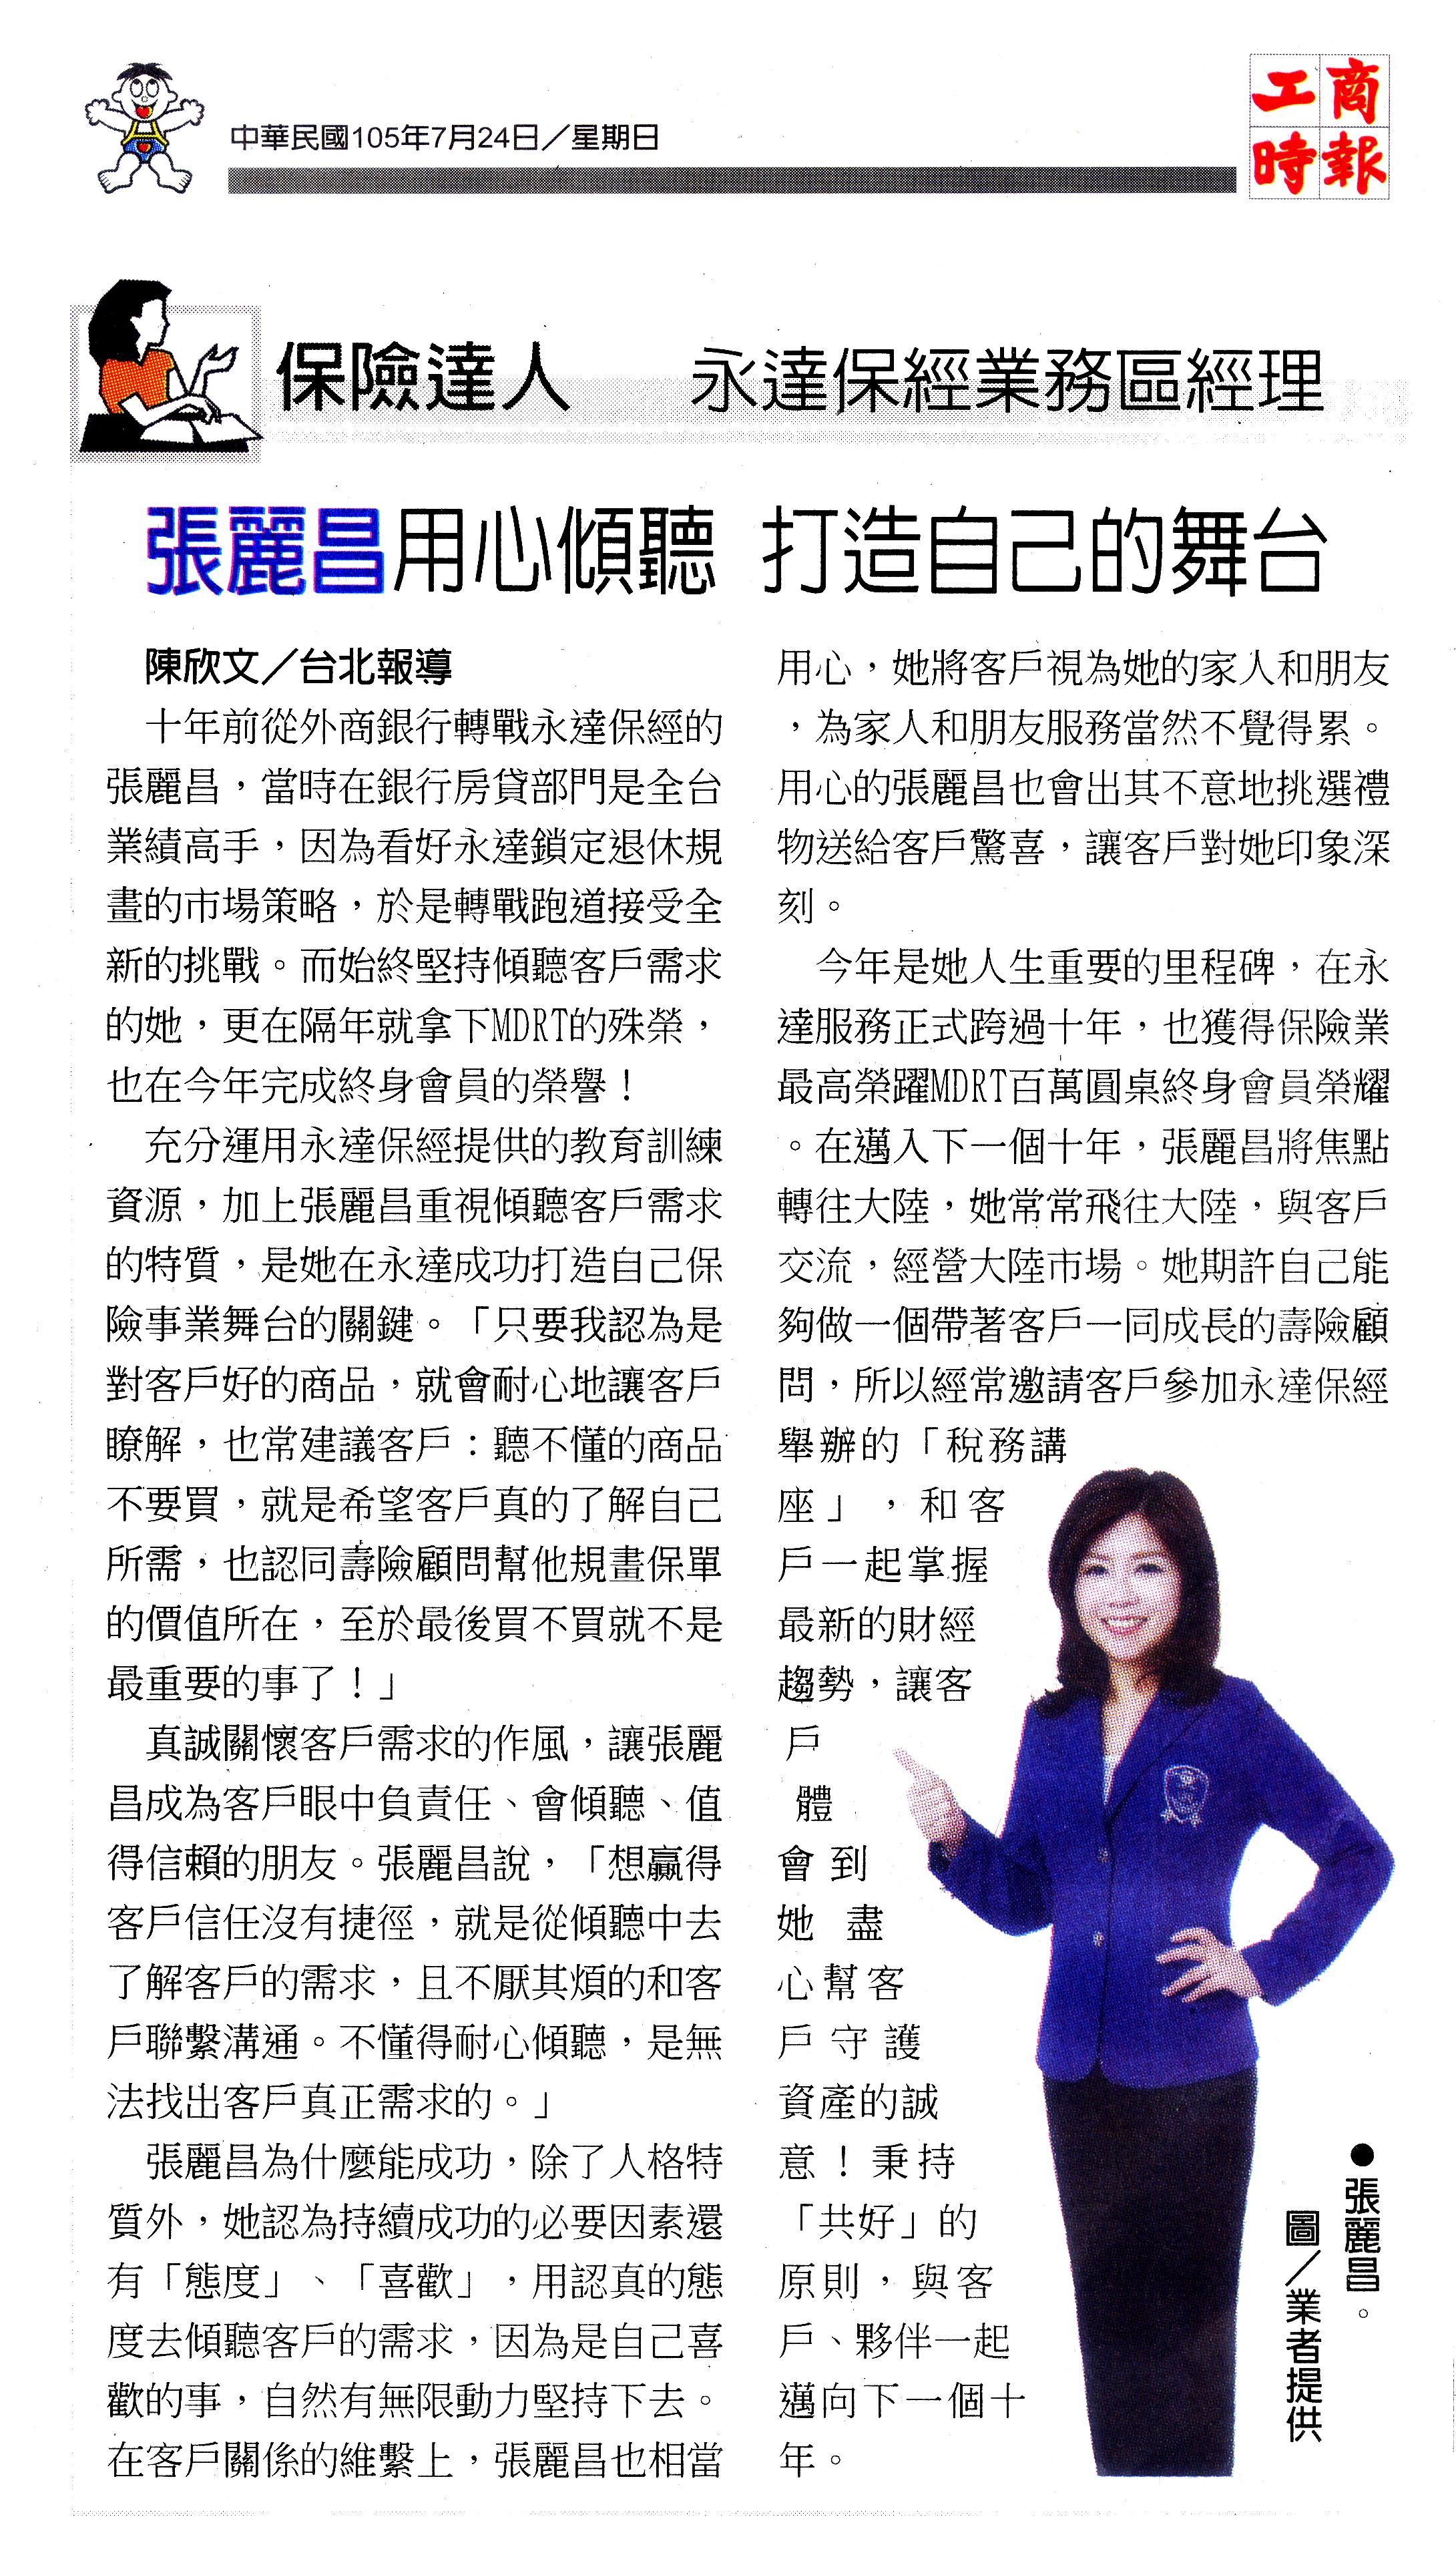 永達保經業務區經理 張麗昌用心傾聽 打造自己的舞台報導圖檔